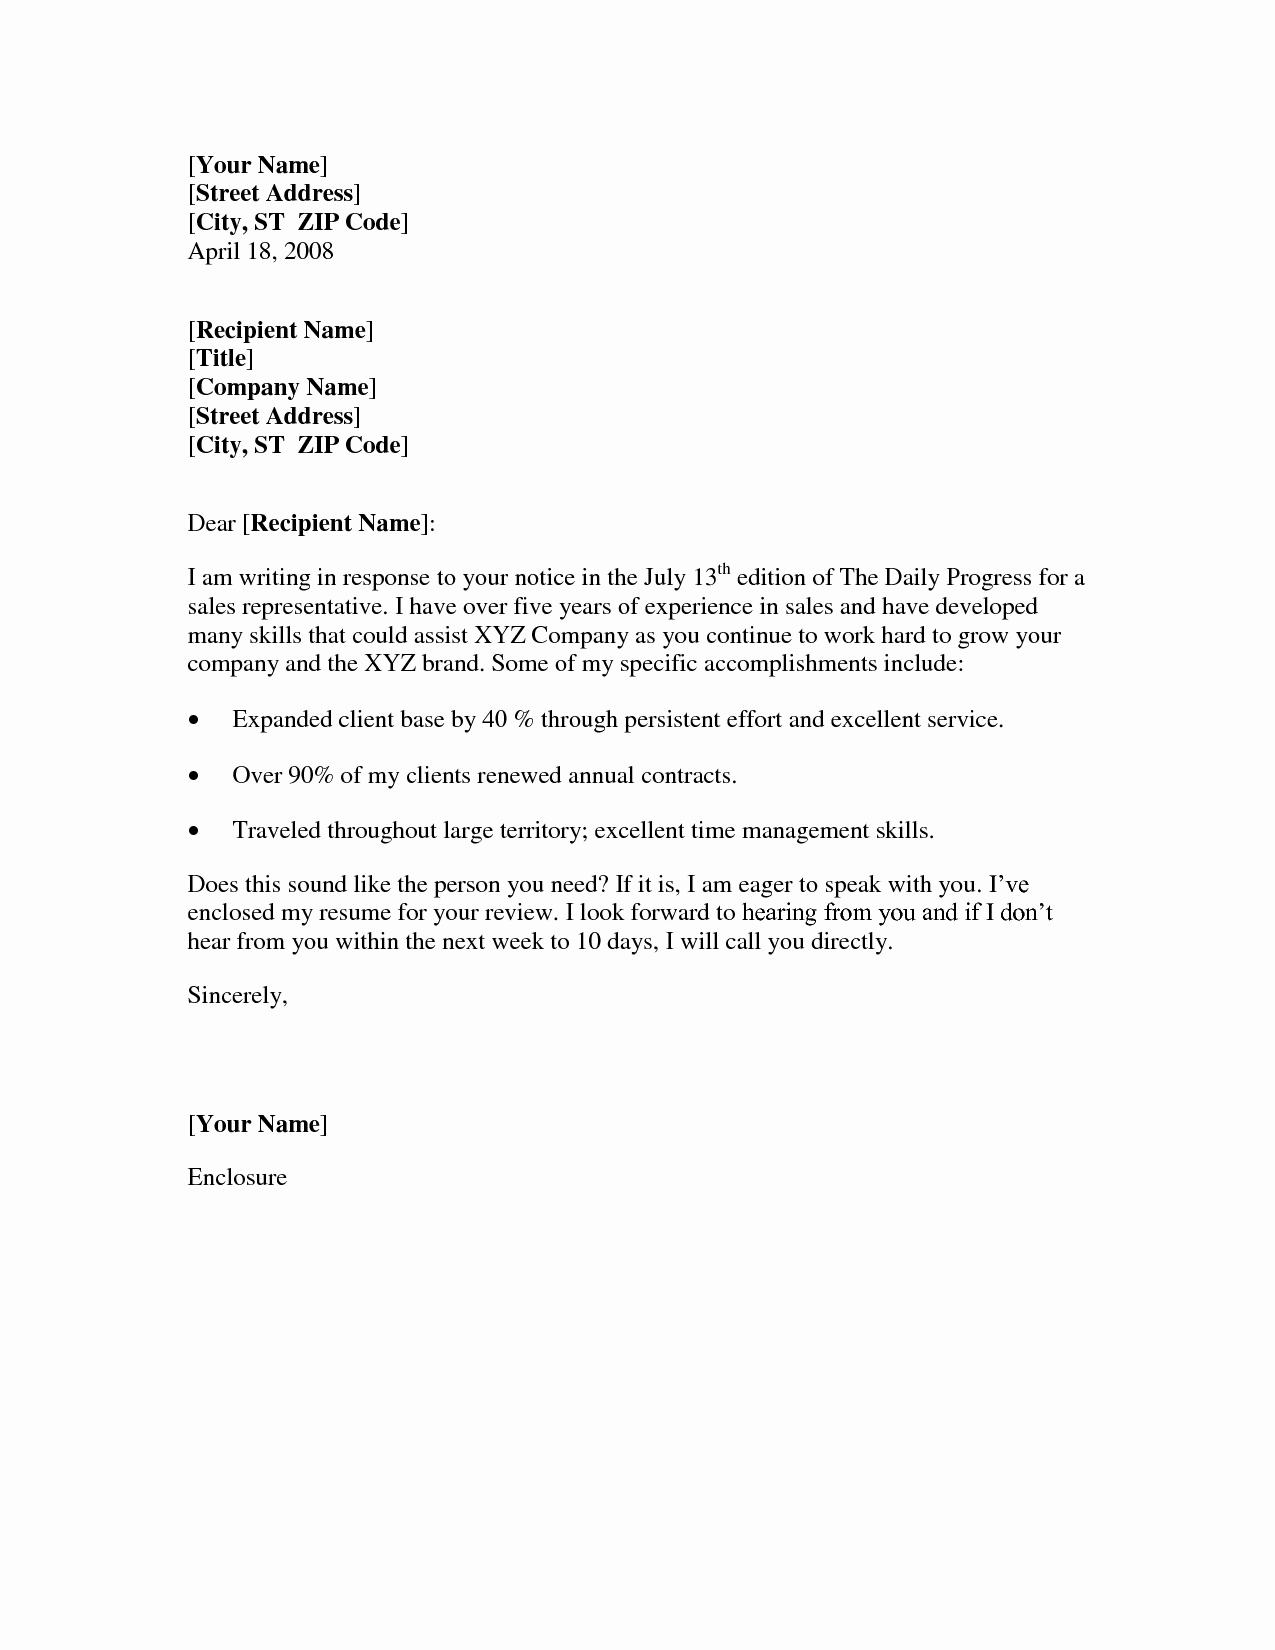 Example Of Basic Cover Letter Elegant 10 Best Of Basic Cover Letter for Resume Sample